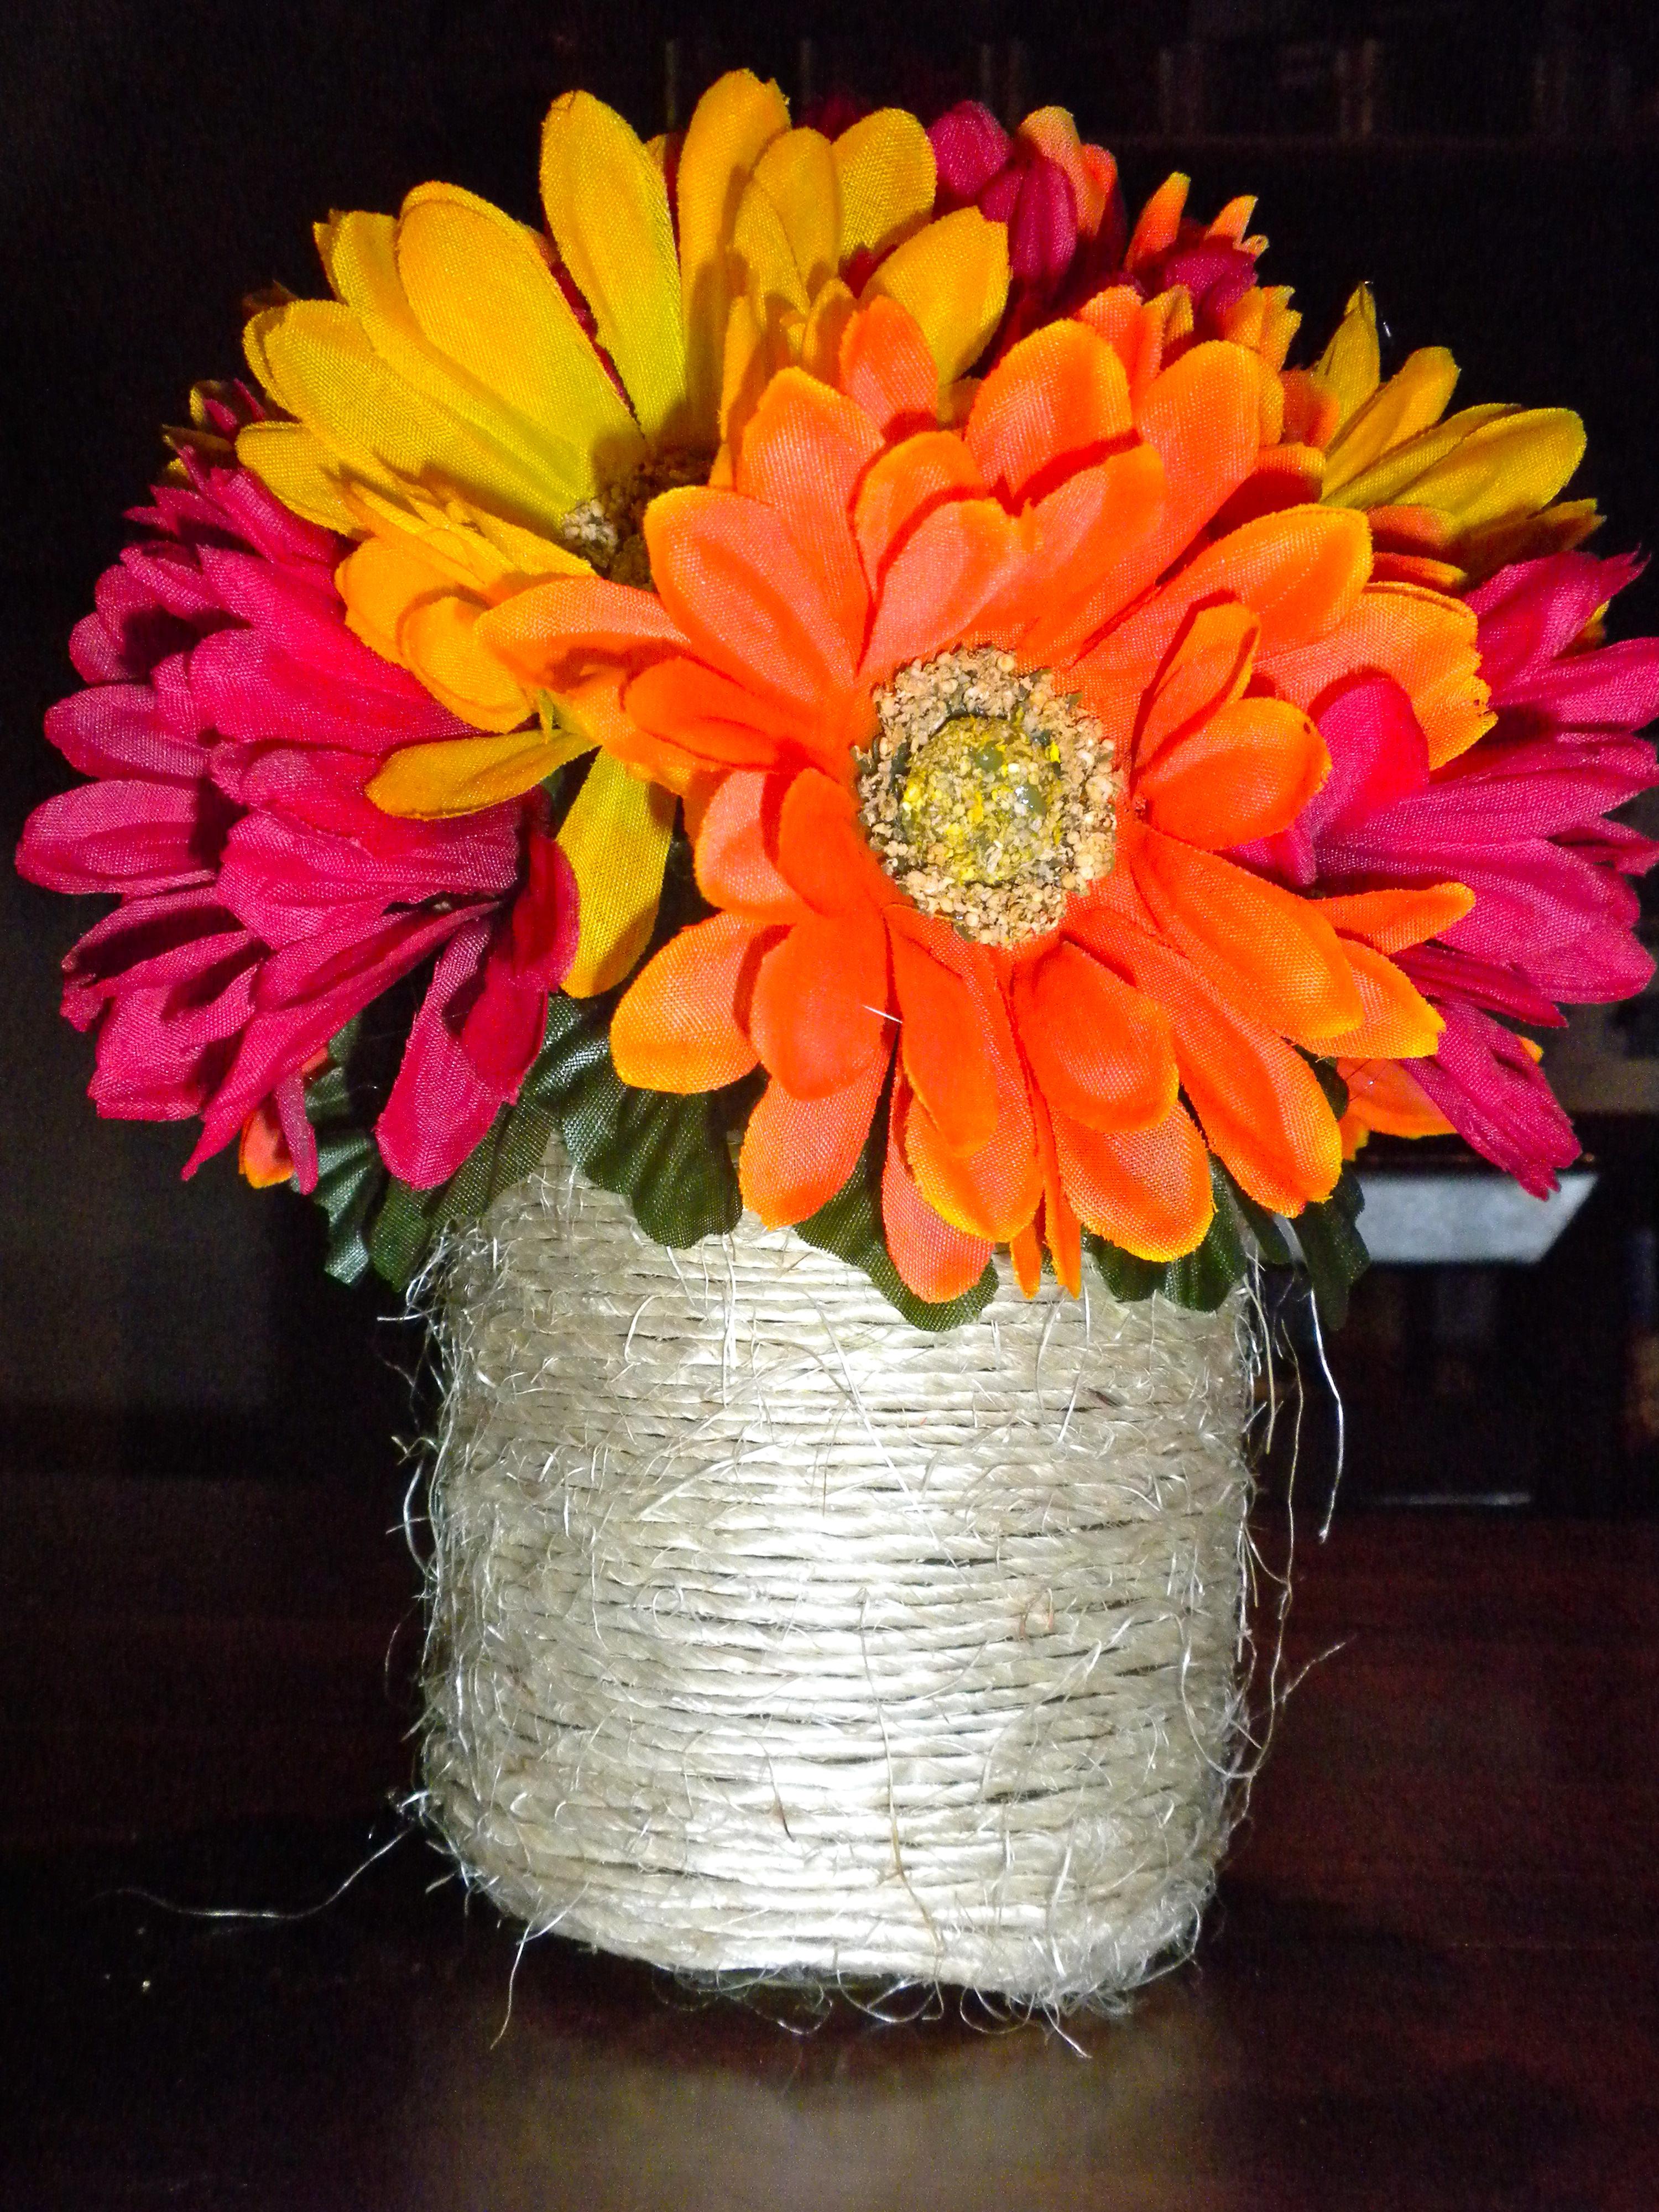 Cheap easy flower centerpiece theblondelawyer see izmirmasajfo